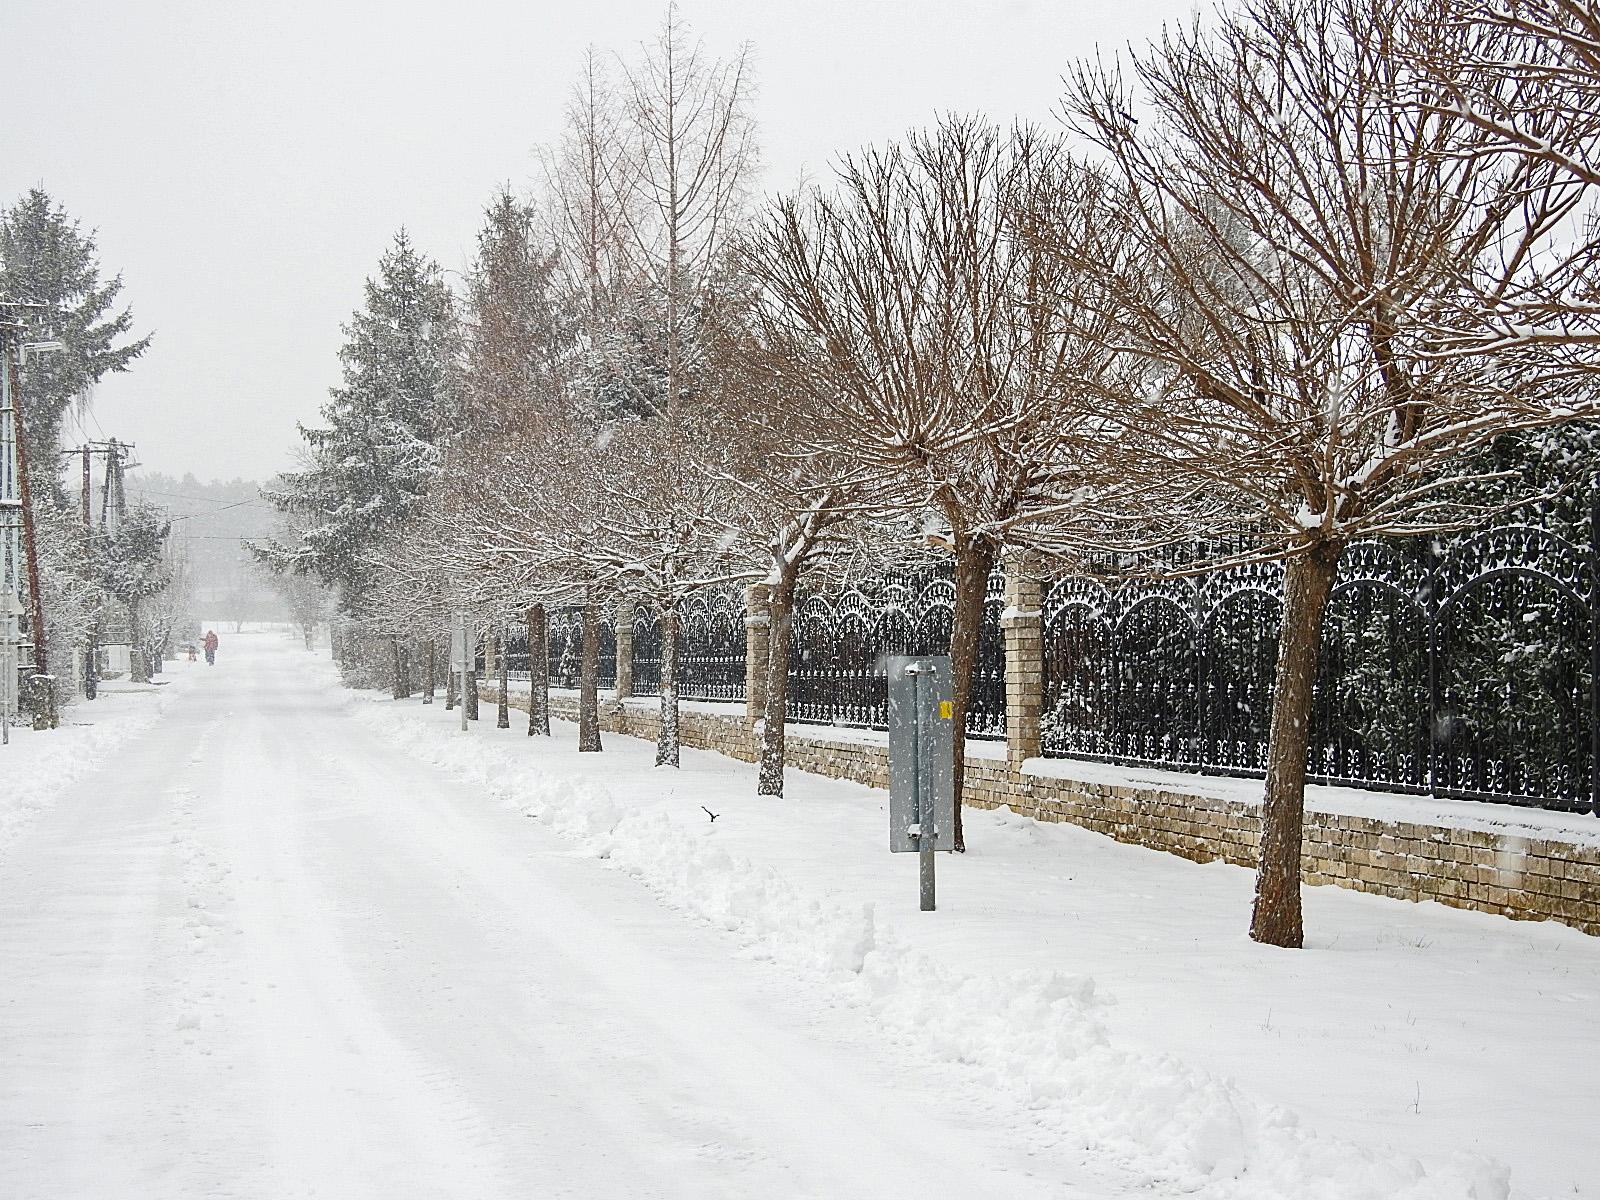 Hokuli utca (ofwel straat)